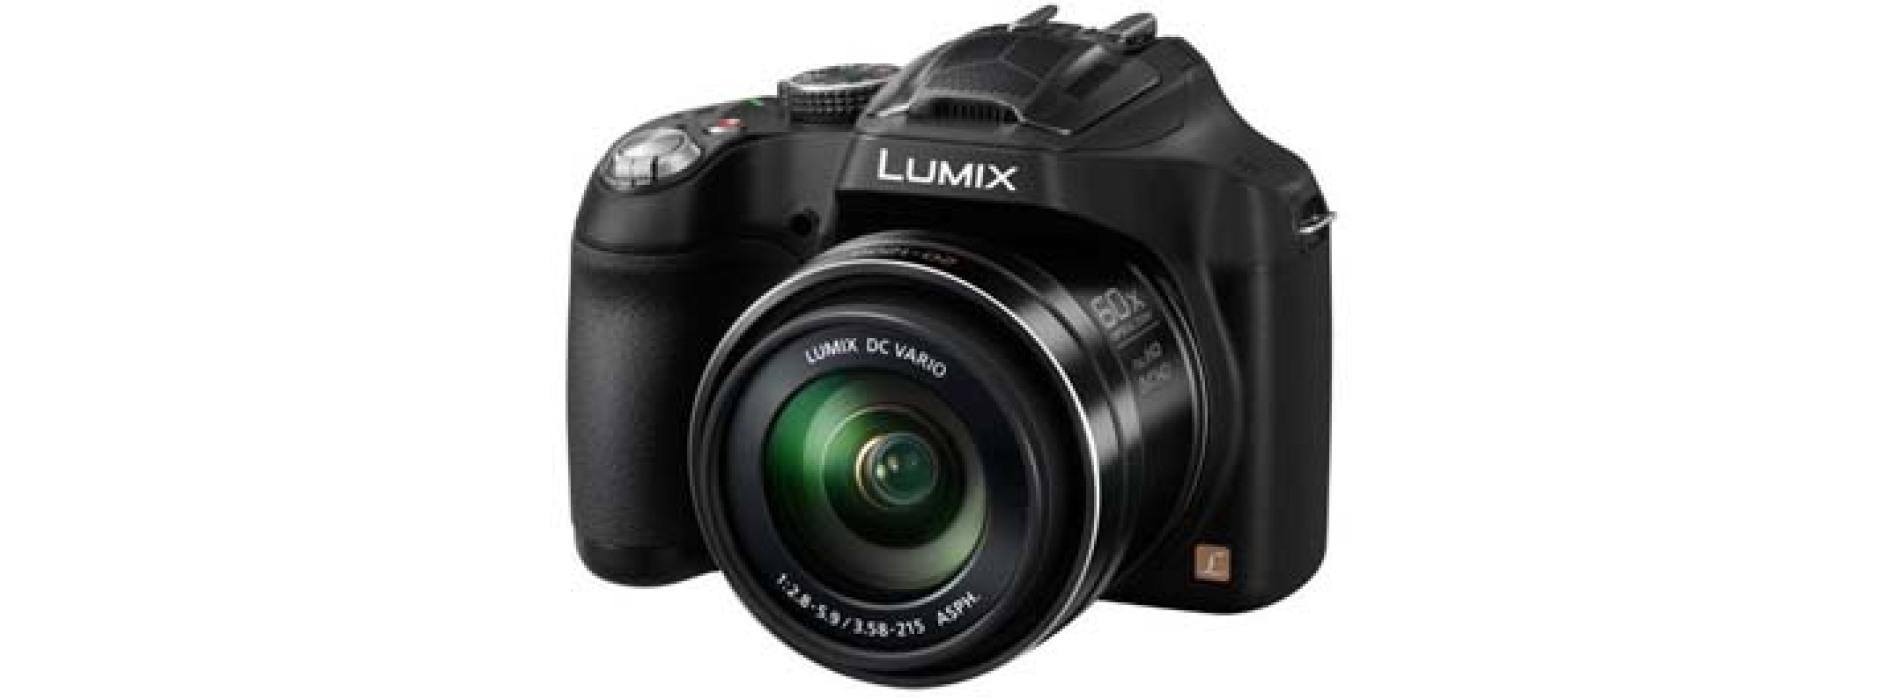 Ремонт фотоаппаратов Panasonic Lumix. Ремонт объектива